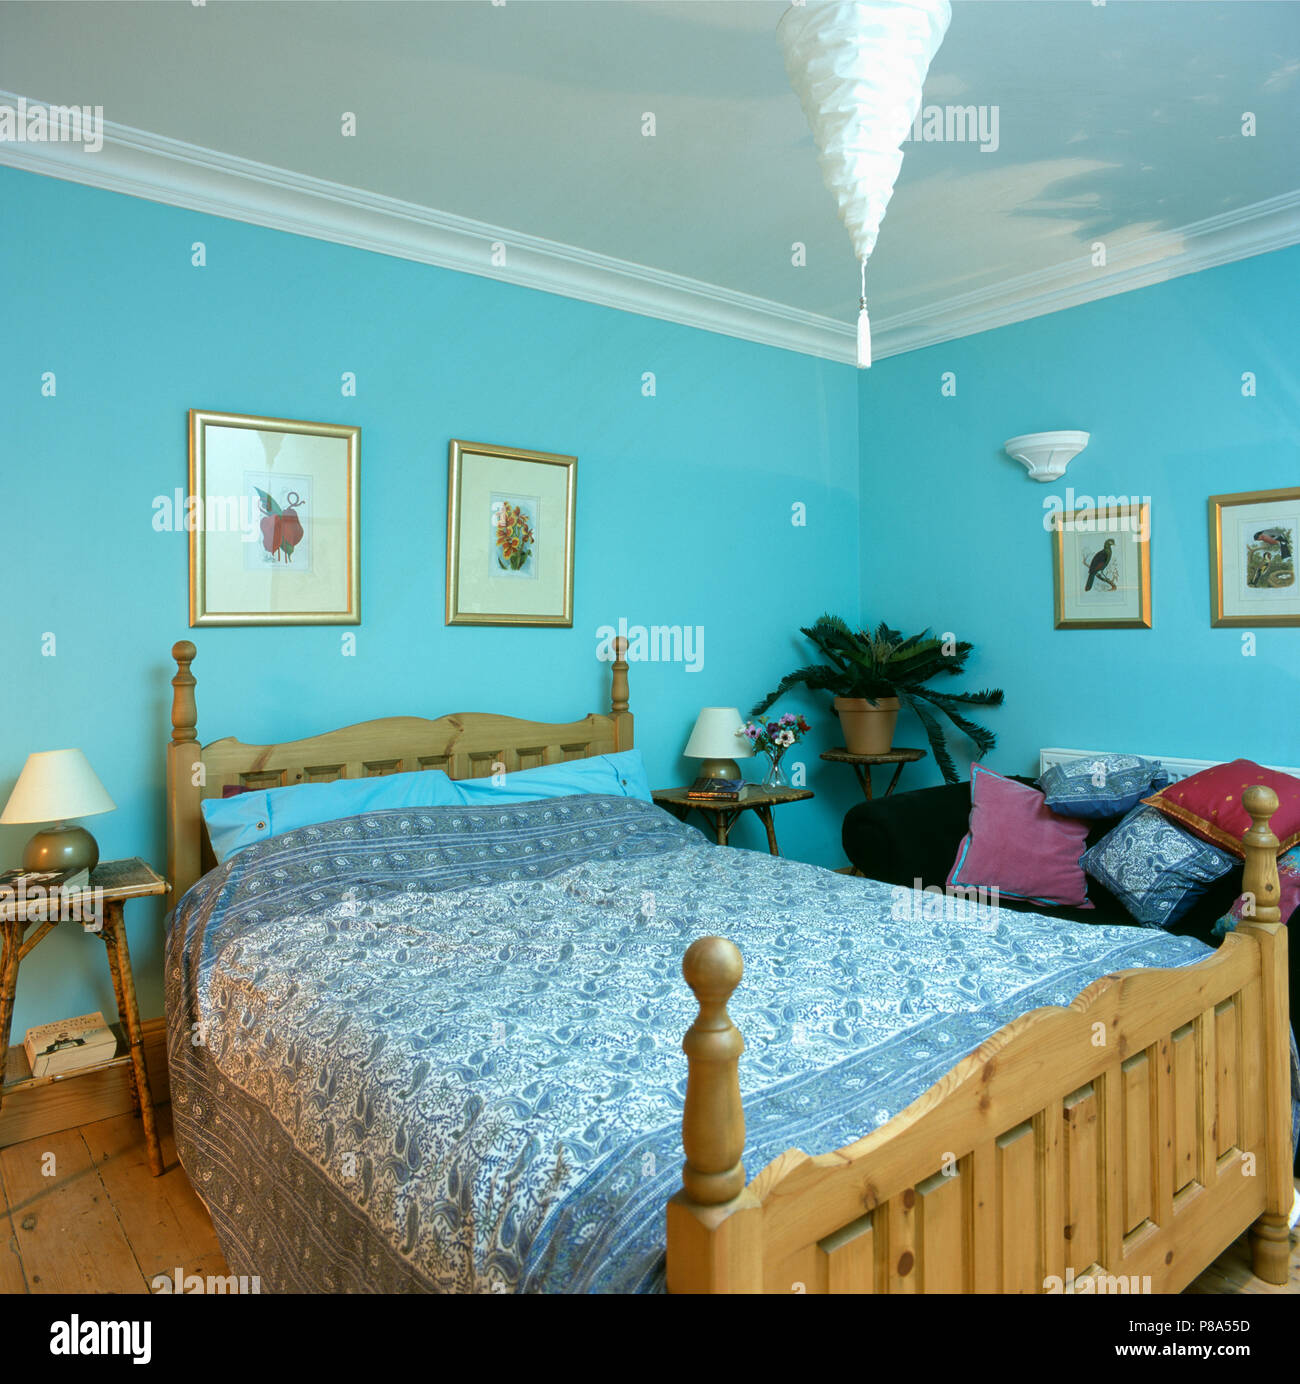 Blanc +bleu Paisley sur couvre-lit lit en pin chambre turquoise ...